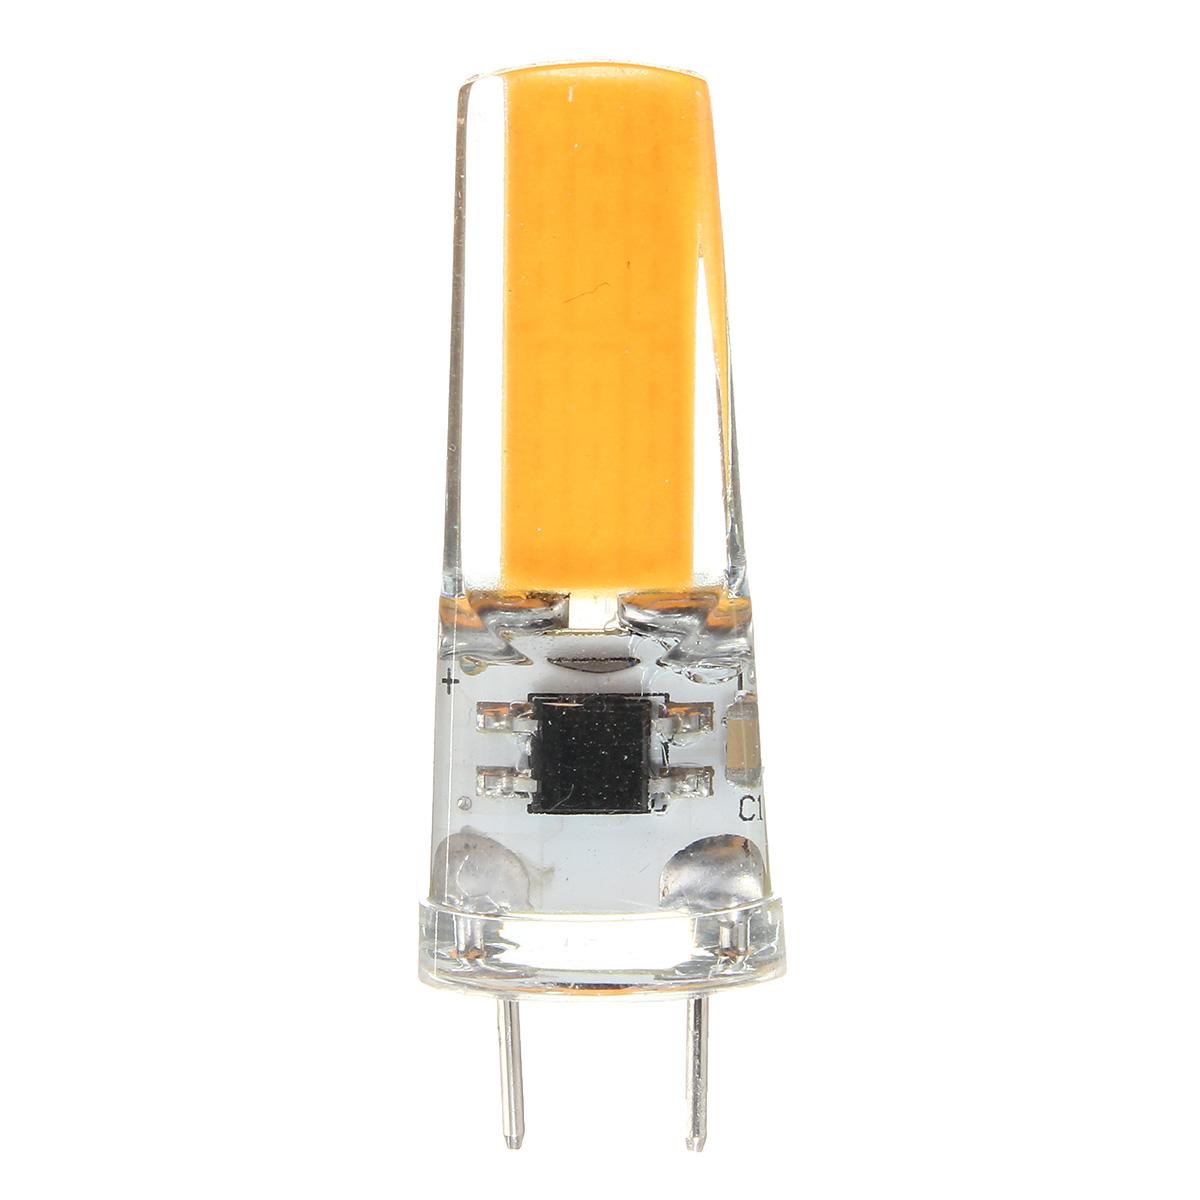 e12 e11 e17 g8 ba15d e14 g4 g9 led bulb cob light dimmable. Black Bedroom Furniture Sets. Home Design Ideas